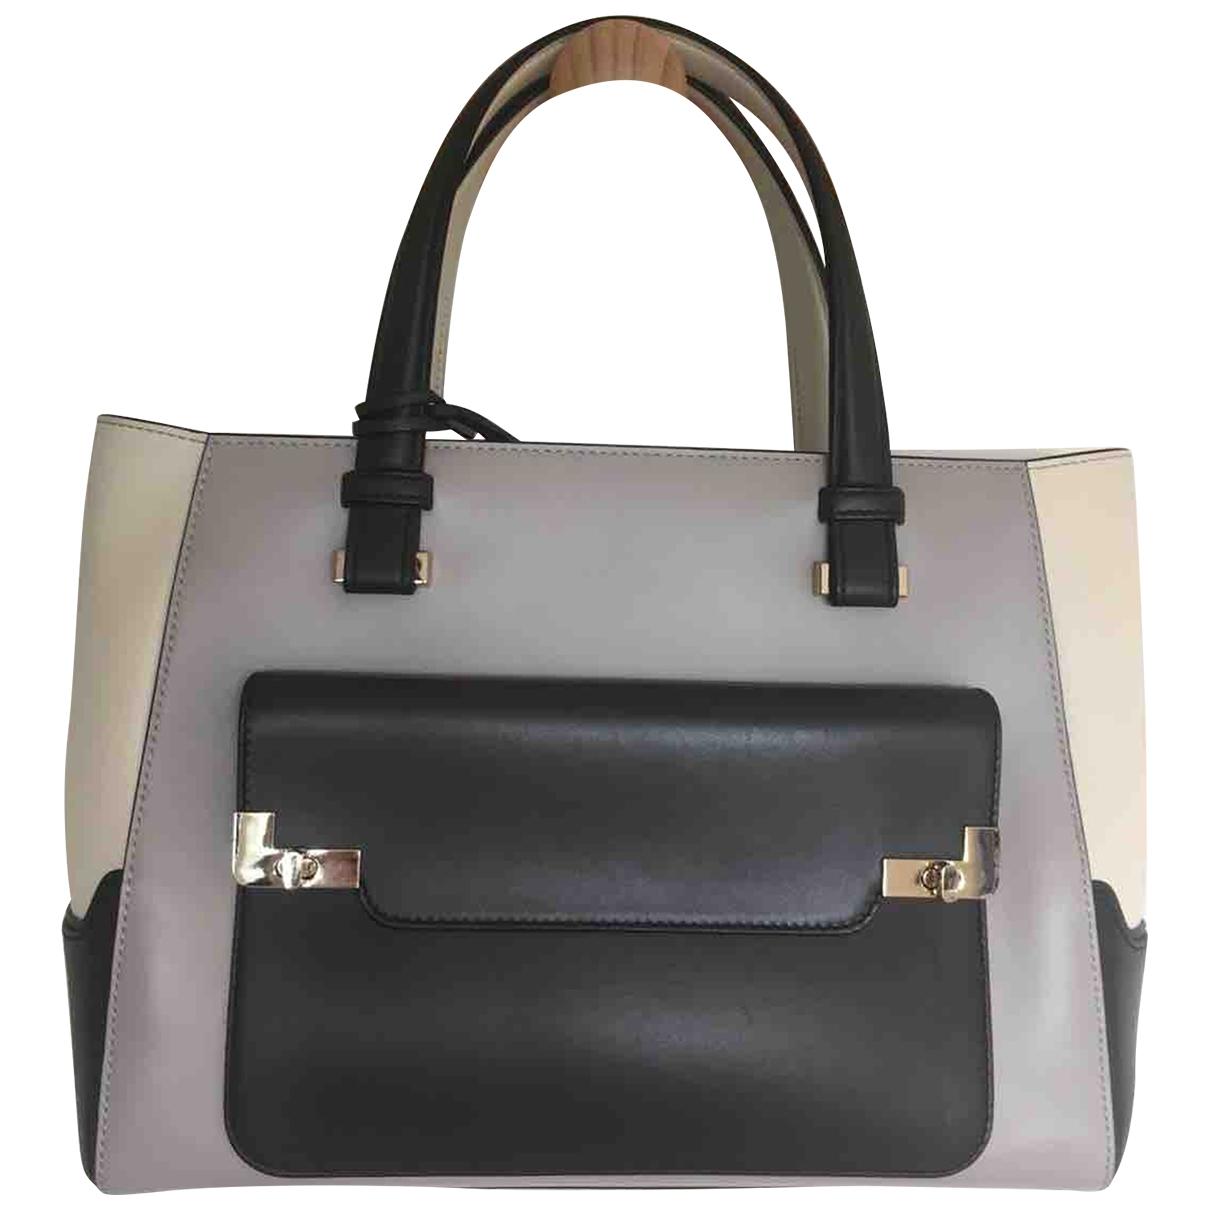 Lancel \N Multicolour Leather handbag for Women \N